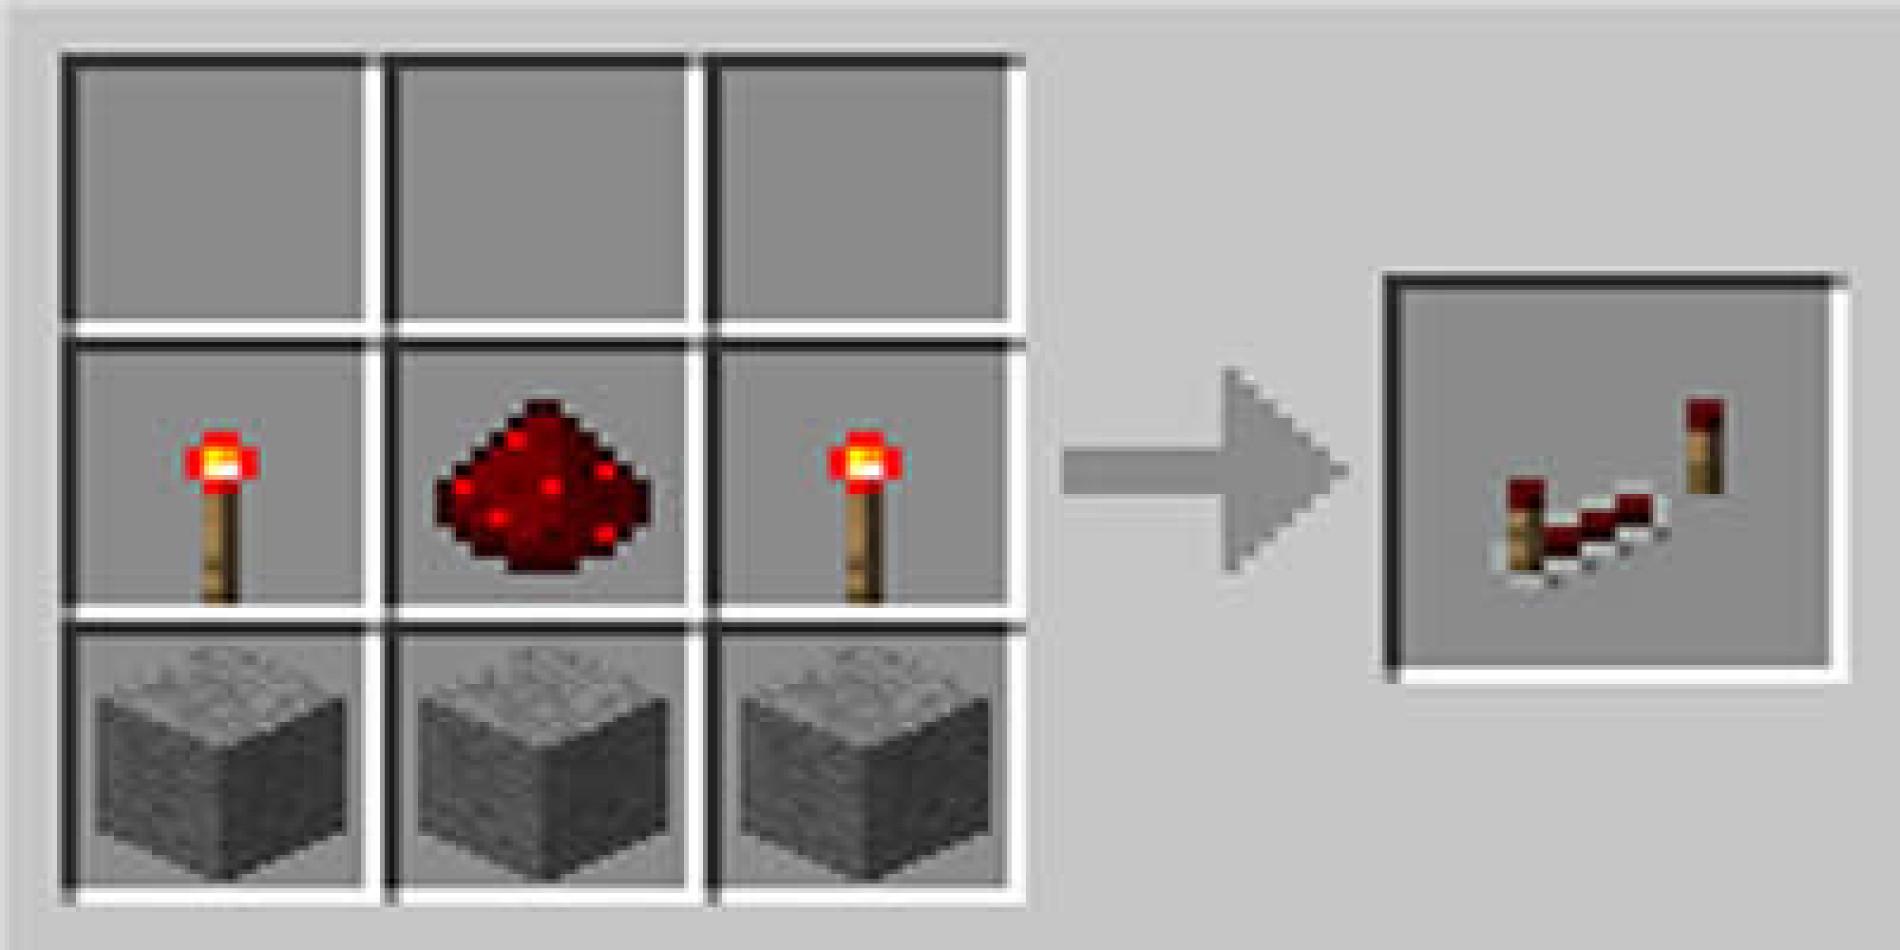 Como fazer um repetidor de redstone no Minecraft